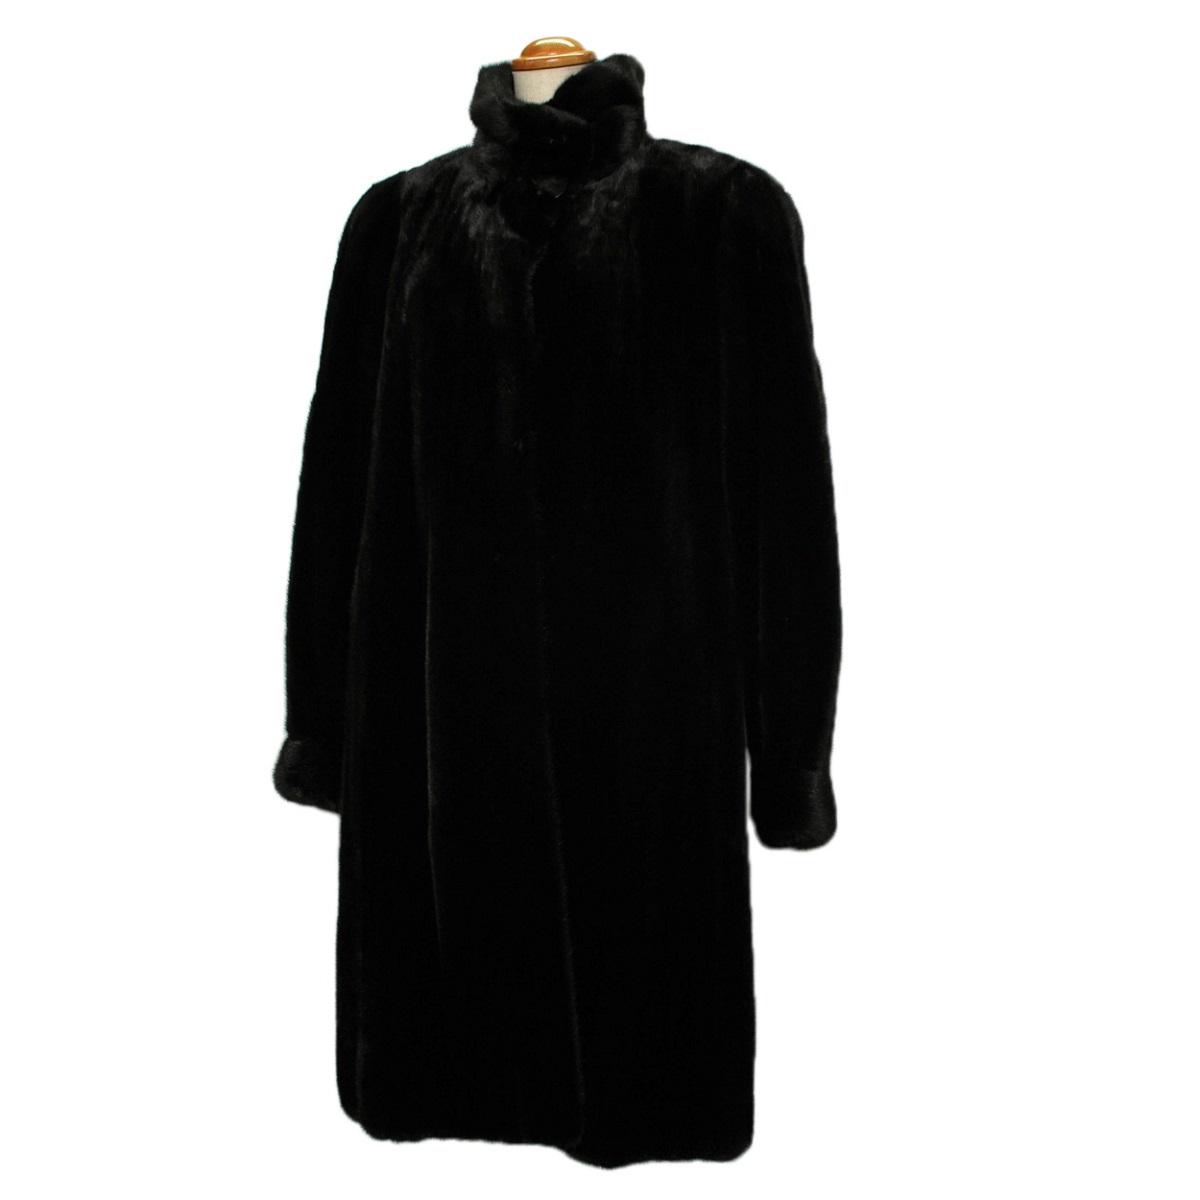 ミンク コート ロング レディース ブラック サイズF